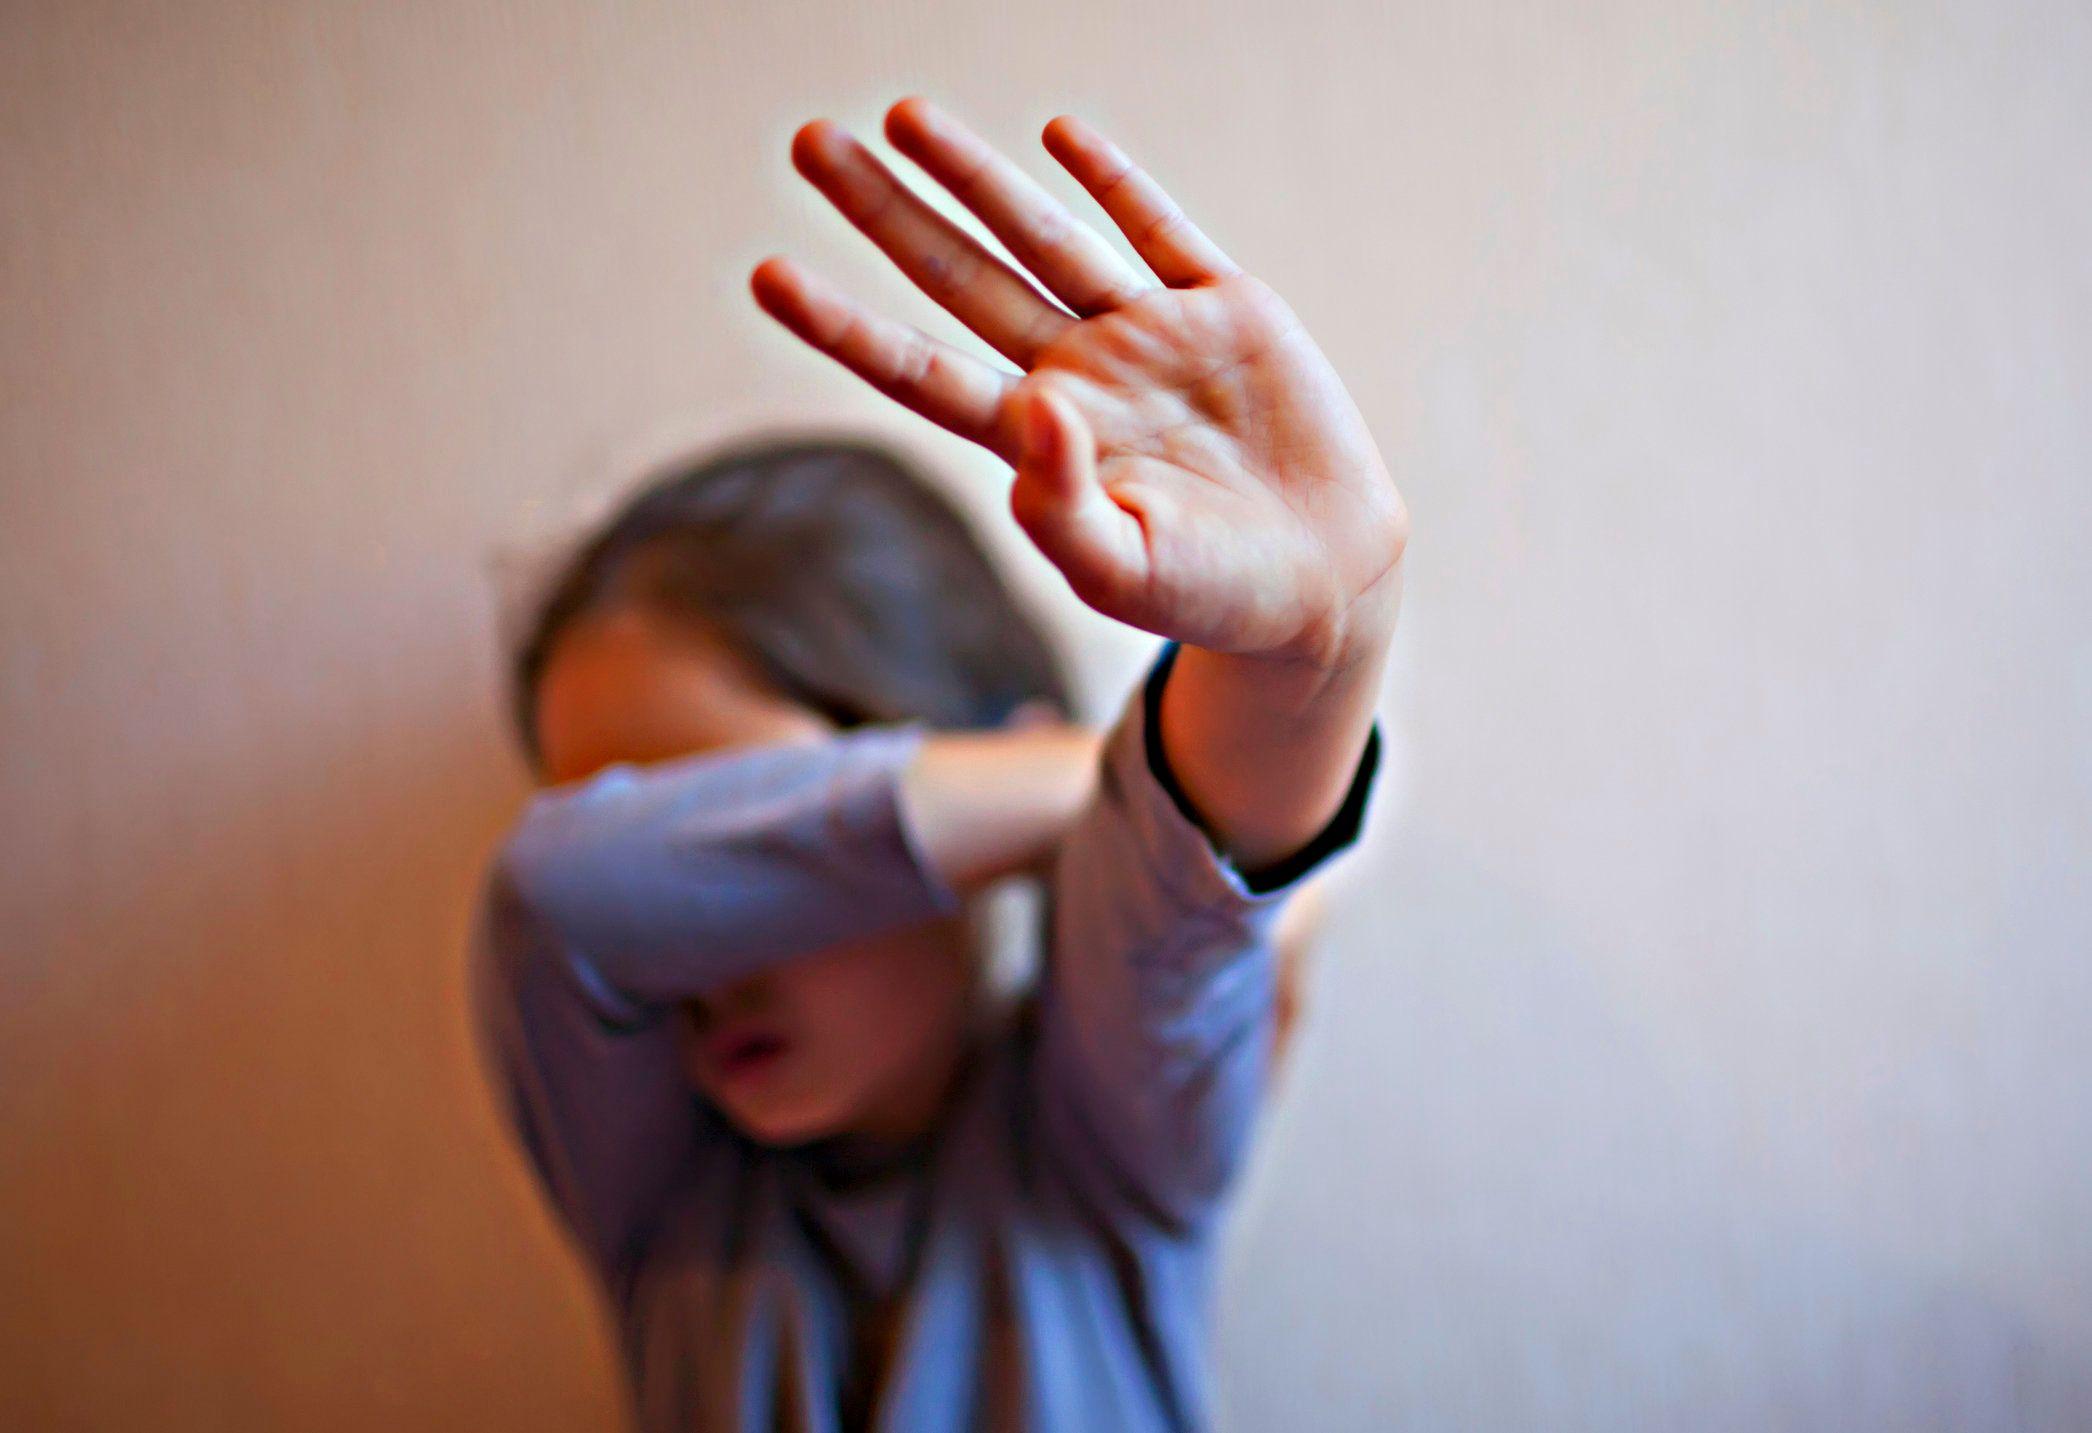 Abusi sui minori: possiamo fare qualcosa